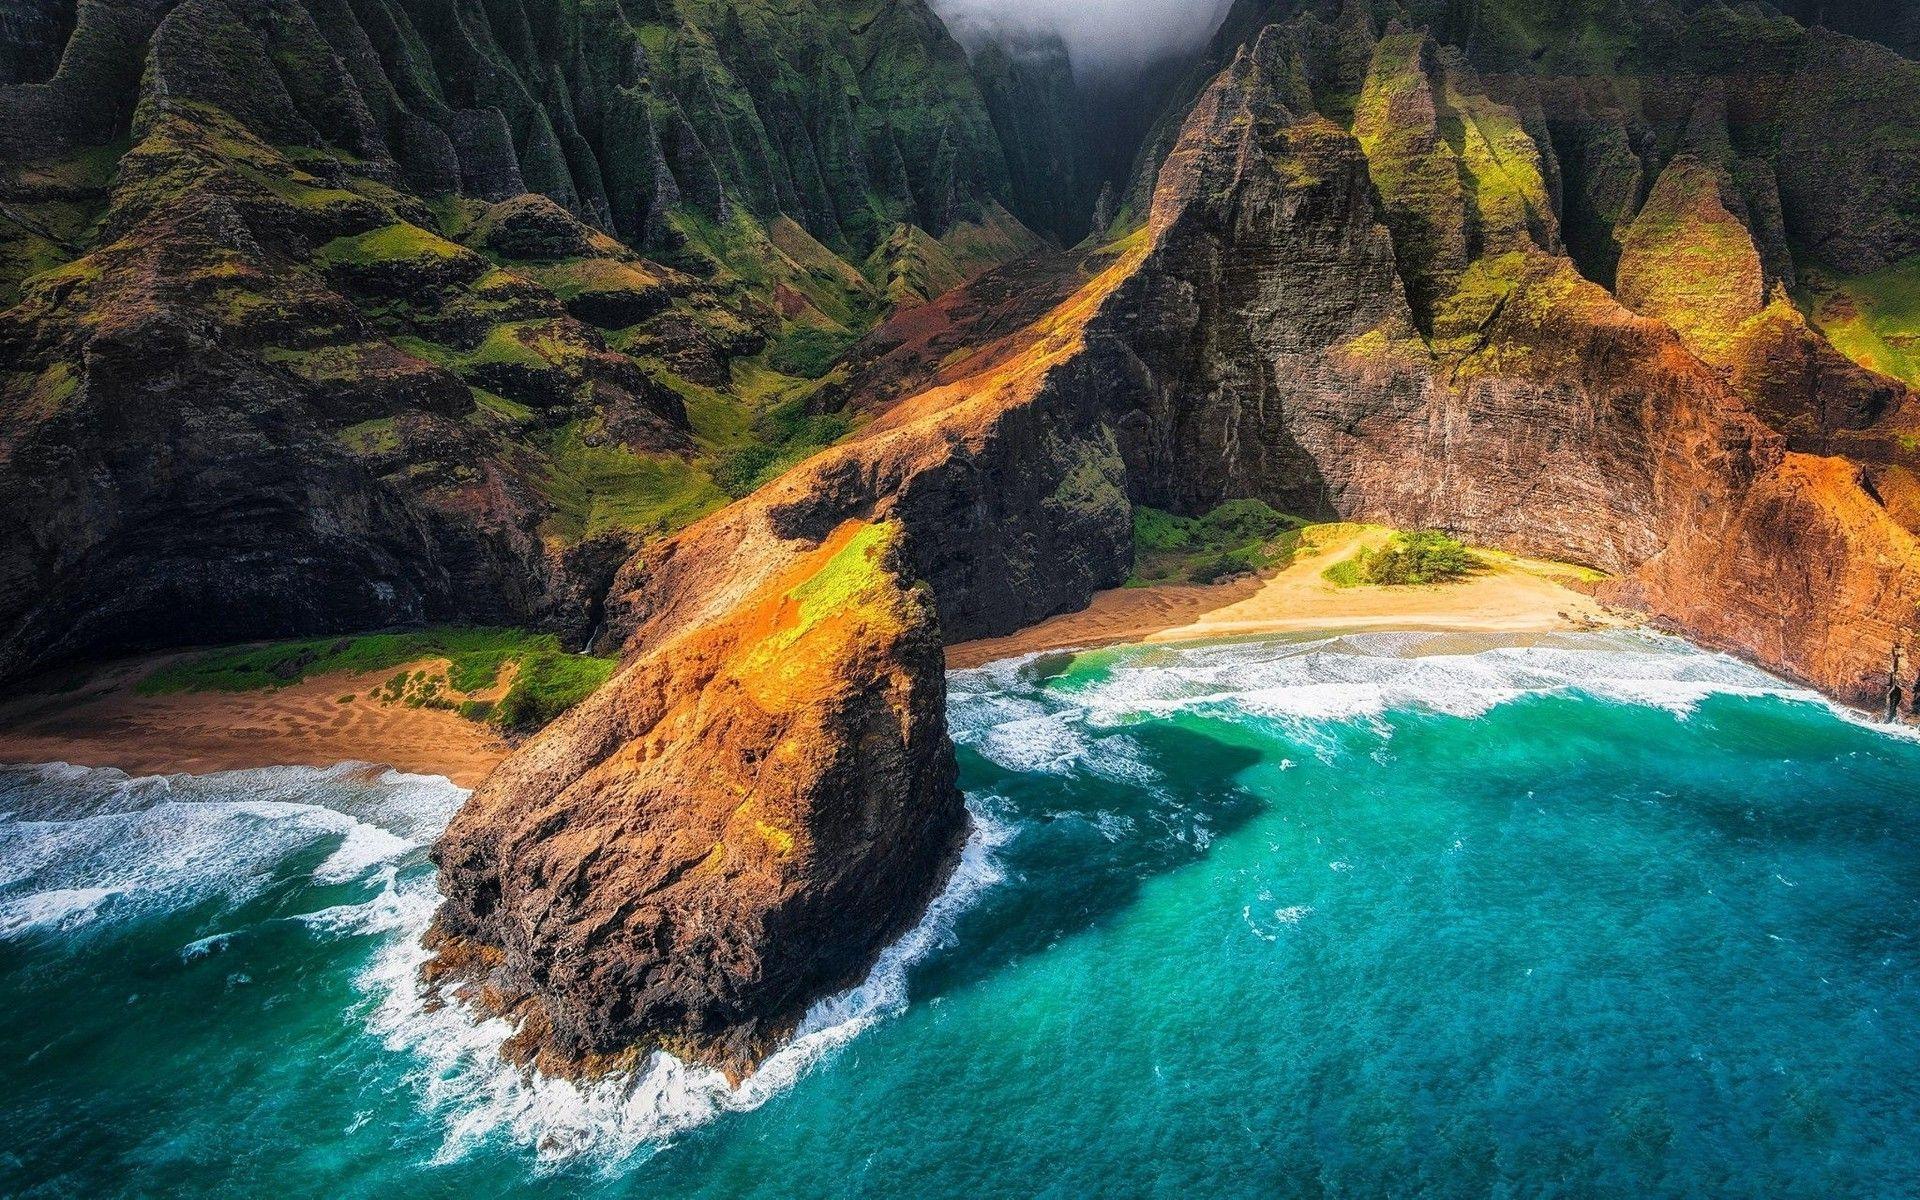 Kauai Wallpaper